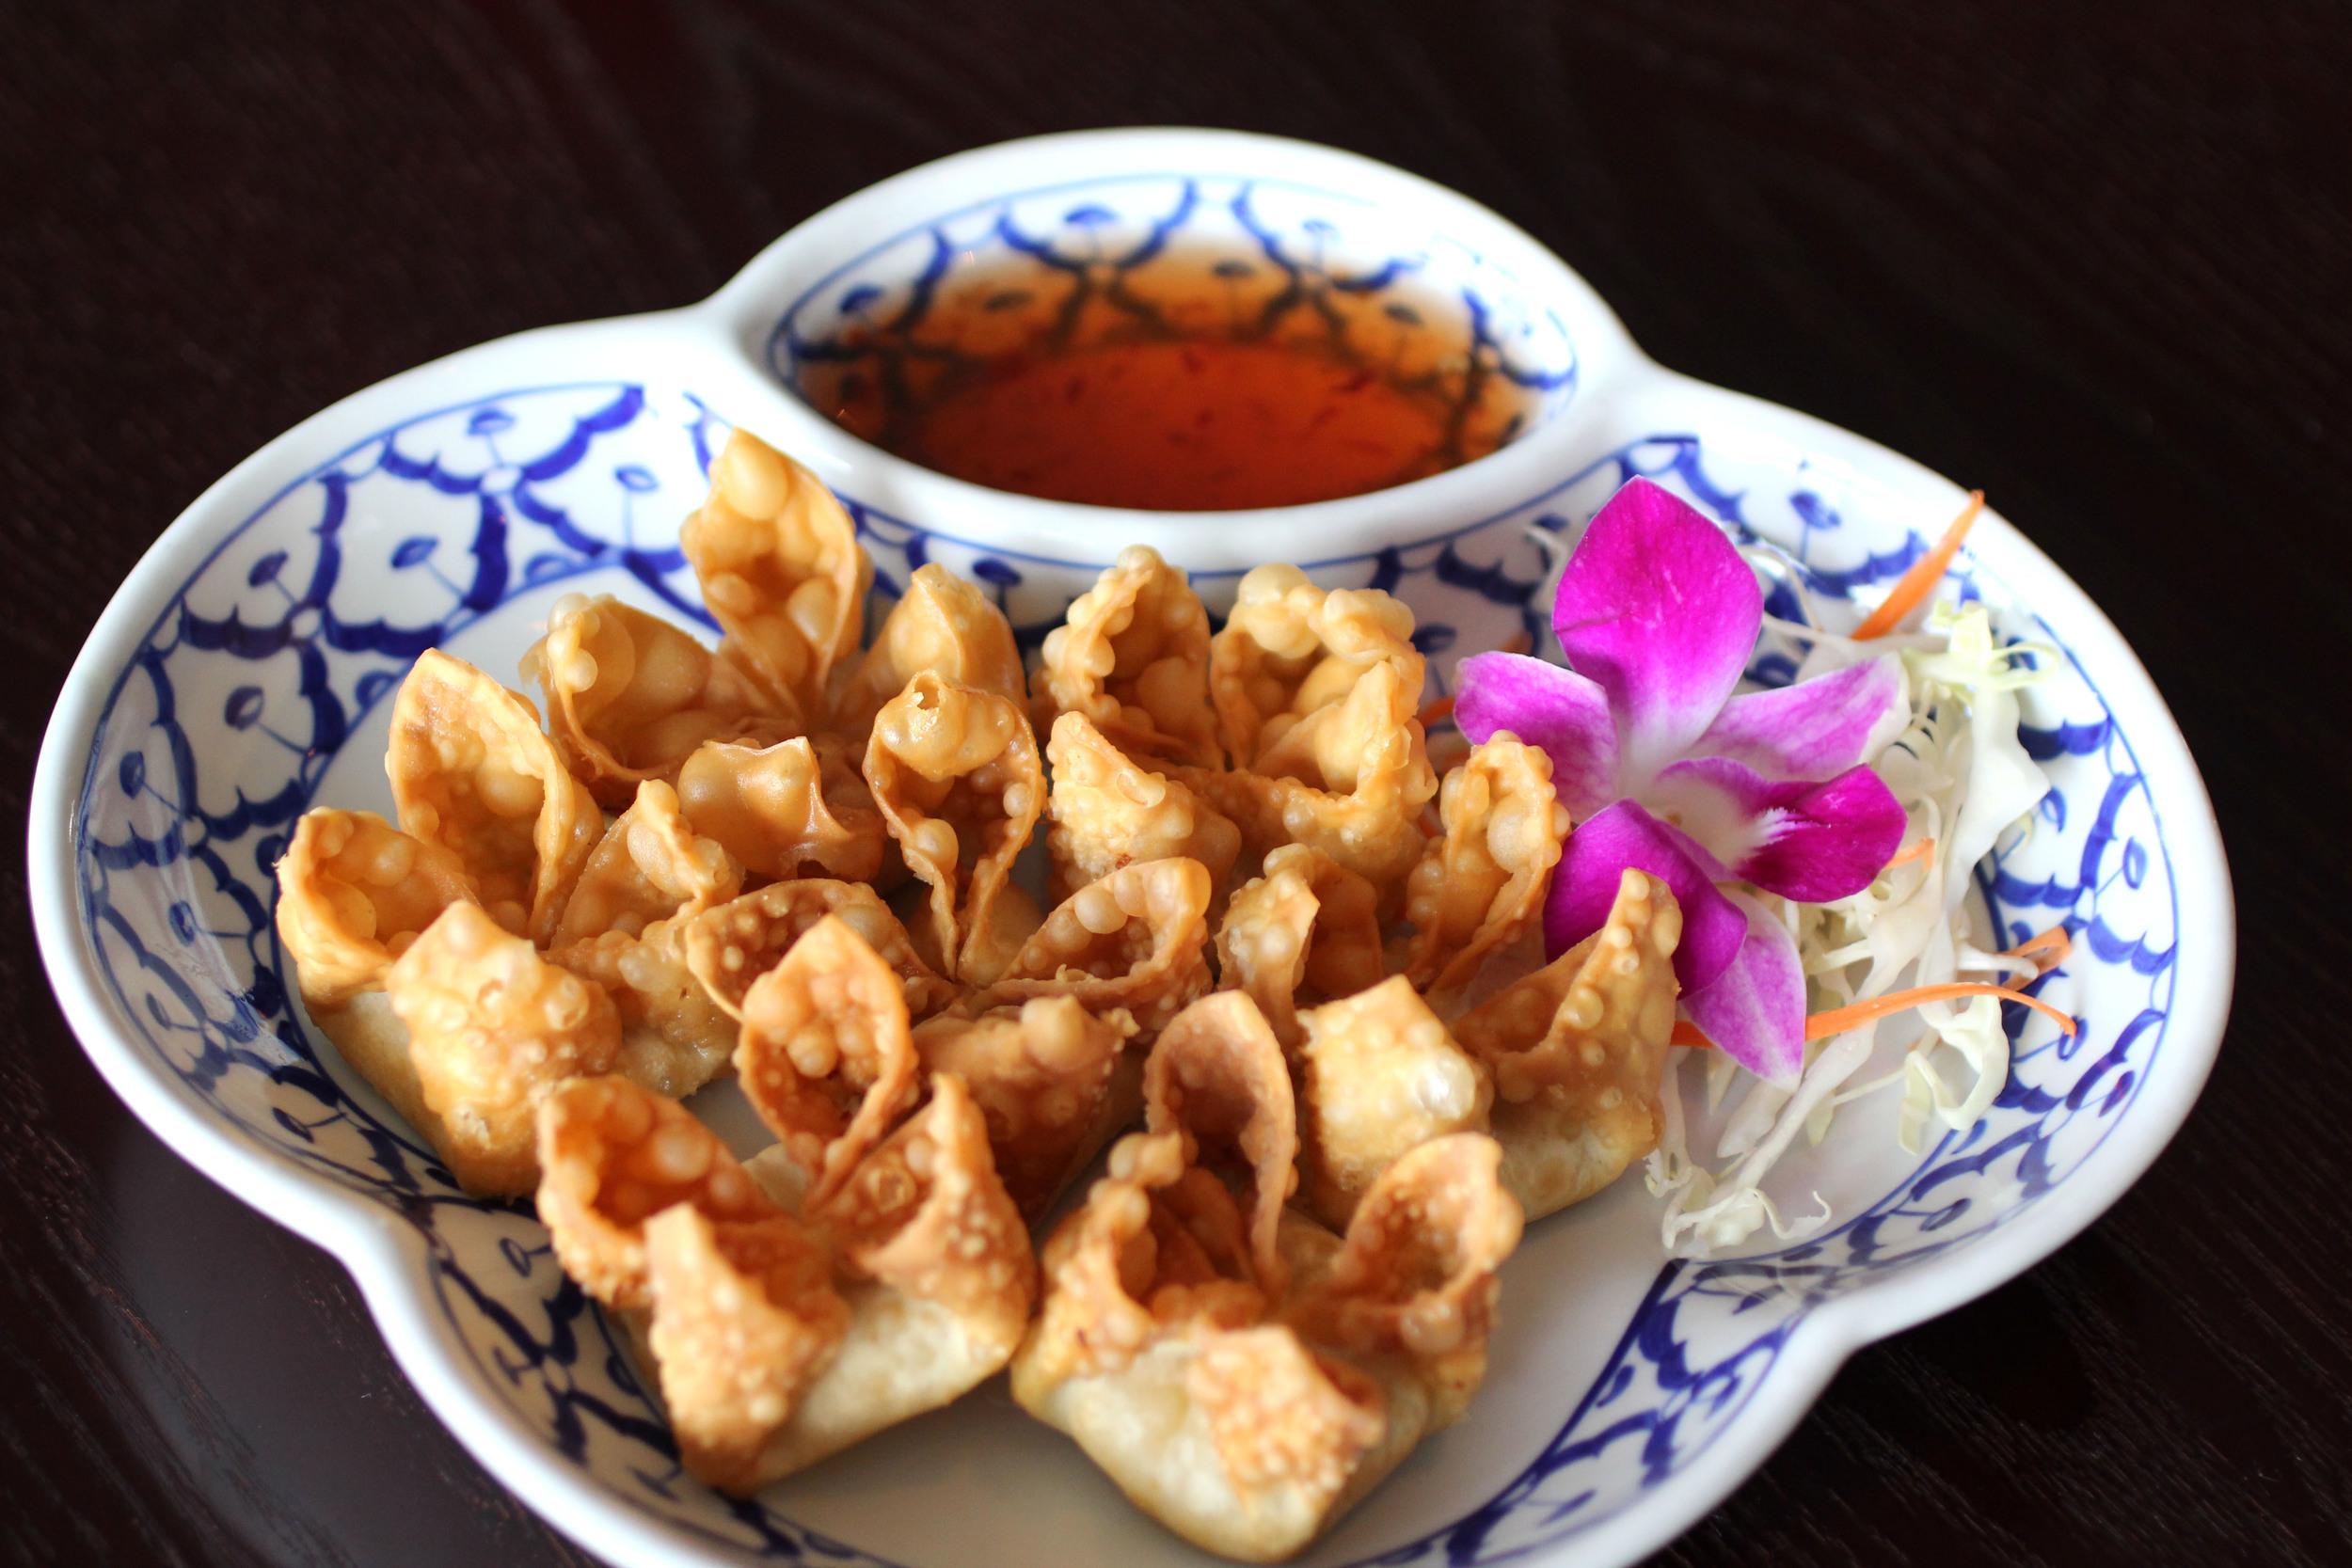 Chili Thai Restaurant Thai Food Restaurant In Tacoma Wa